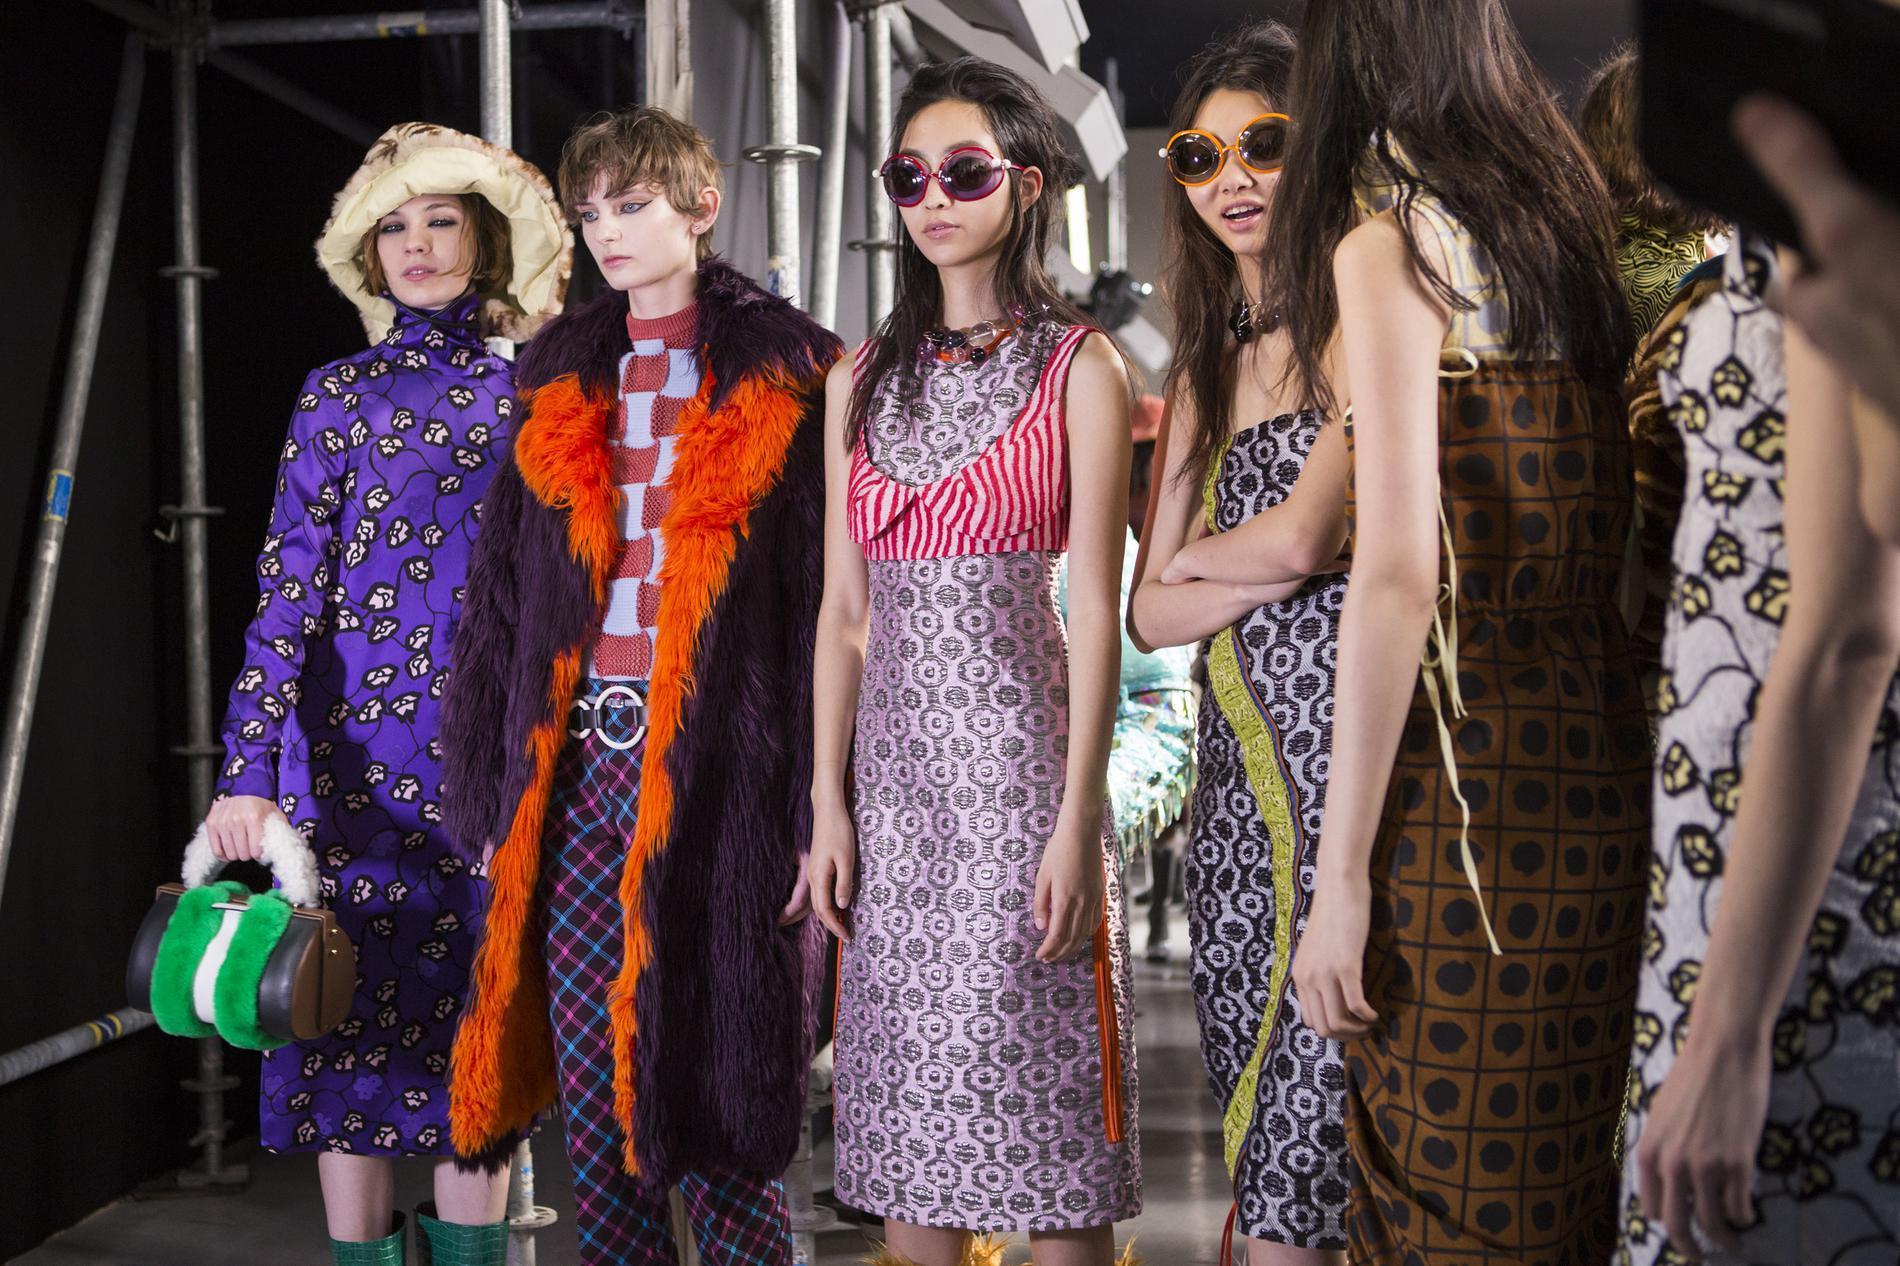 fashion-week--le-meilleur-des-defiles-milanais-automne-hiver-2017-2018-photo-13.jpg